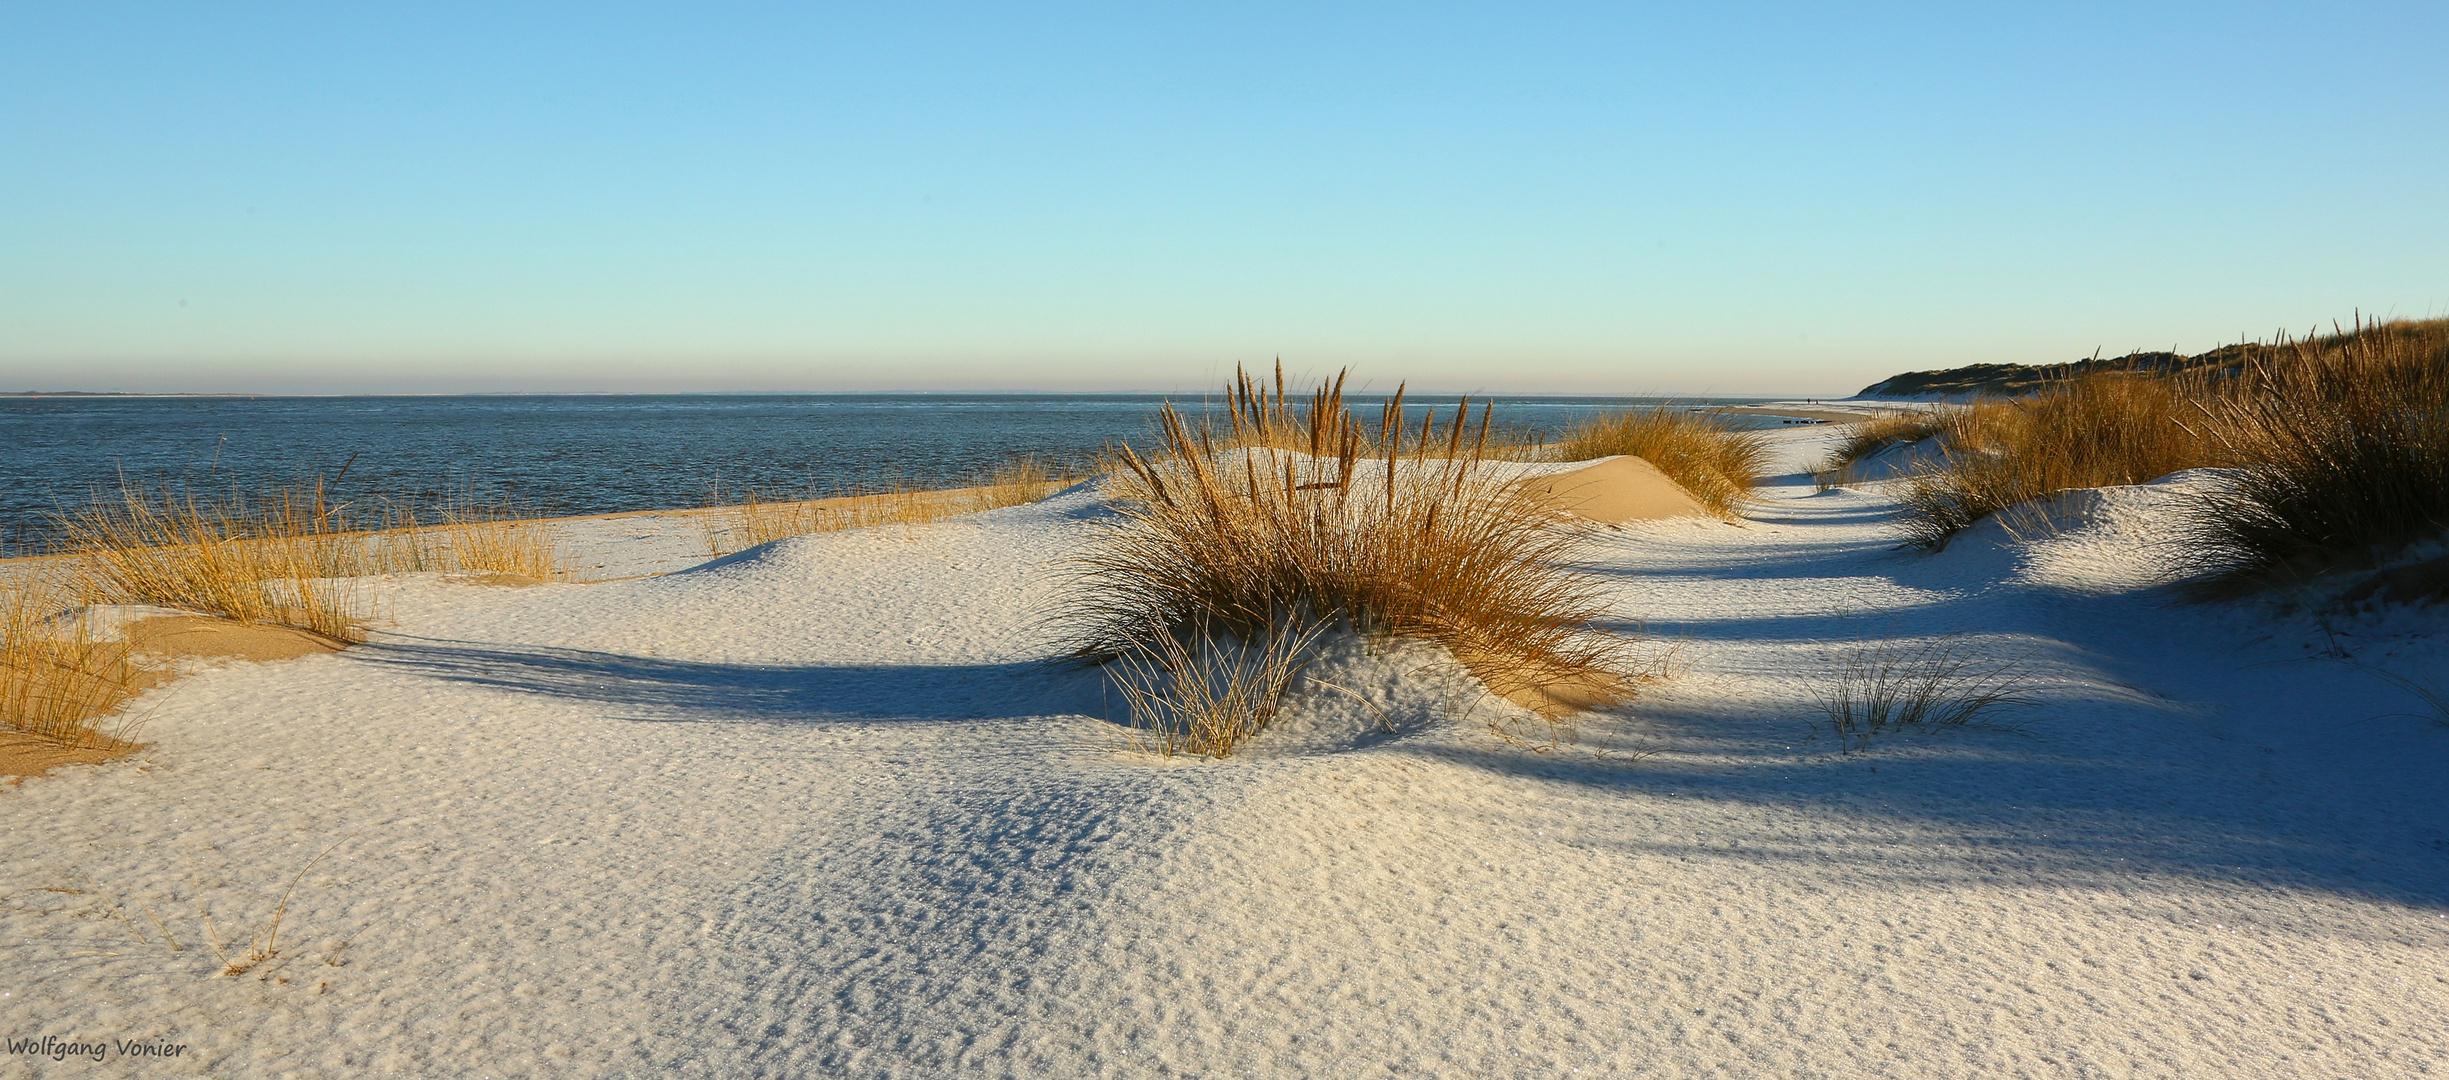 Die fast unendliche Weite, nur angenehmes Wind,- und Meeresrauschen ist wahrzunehmen